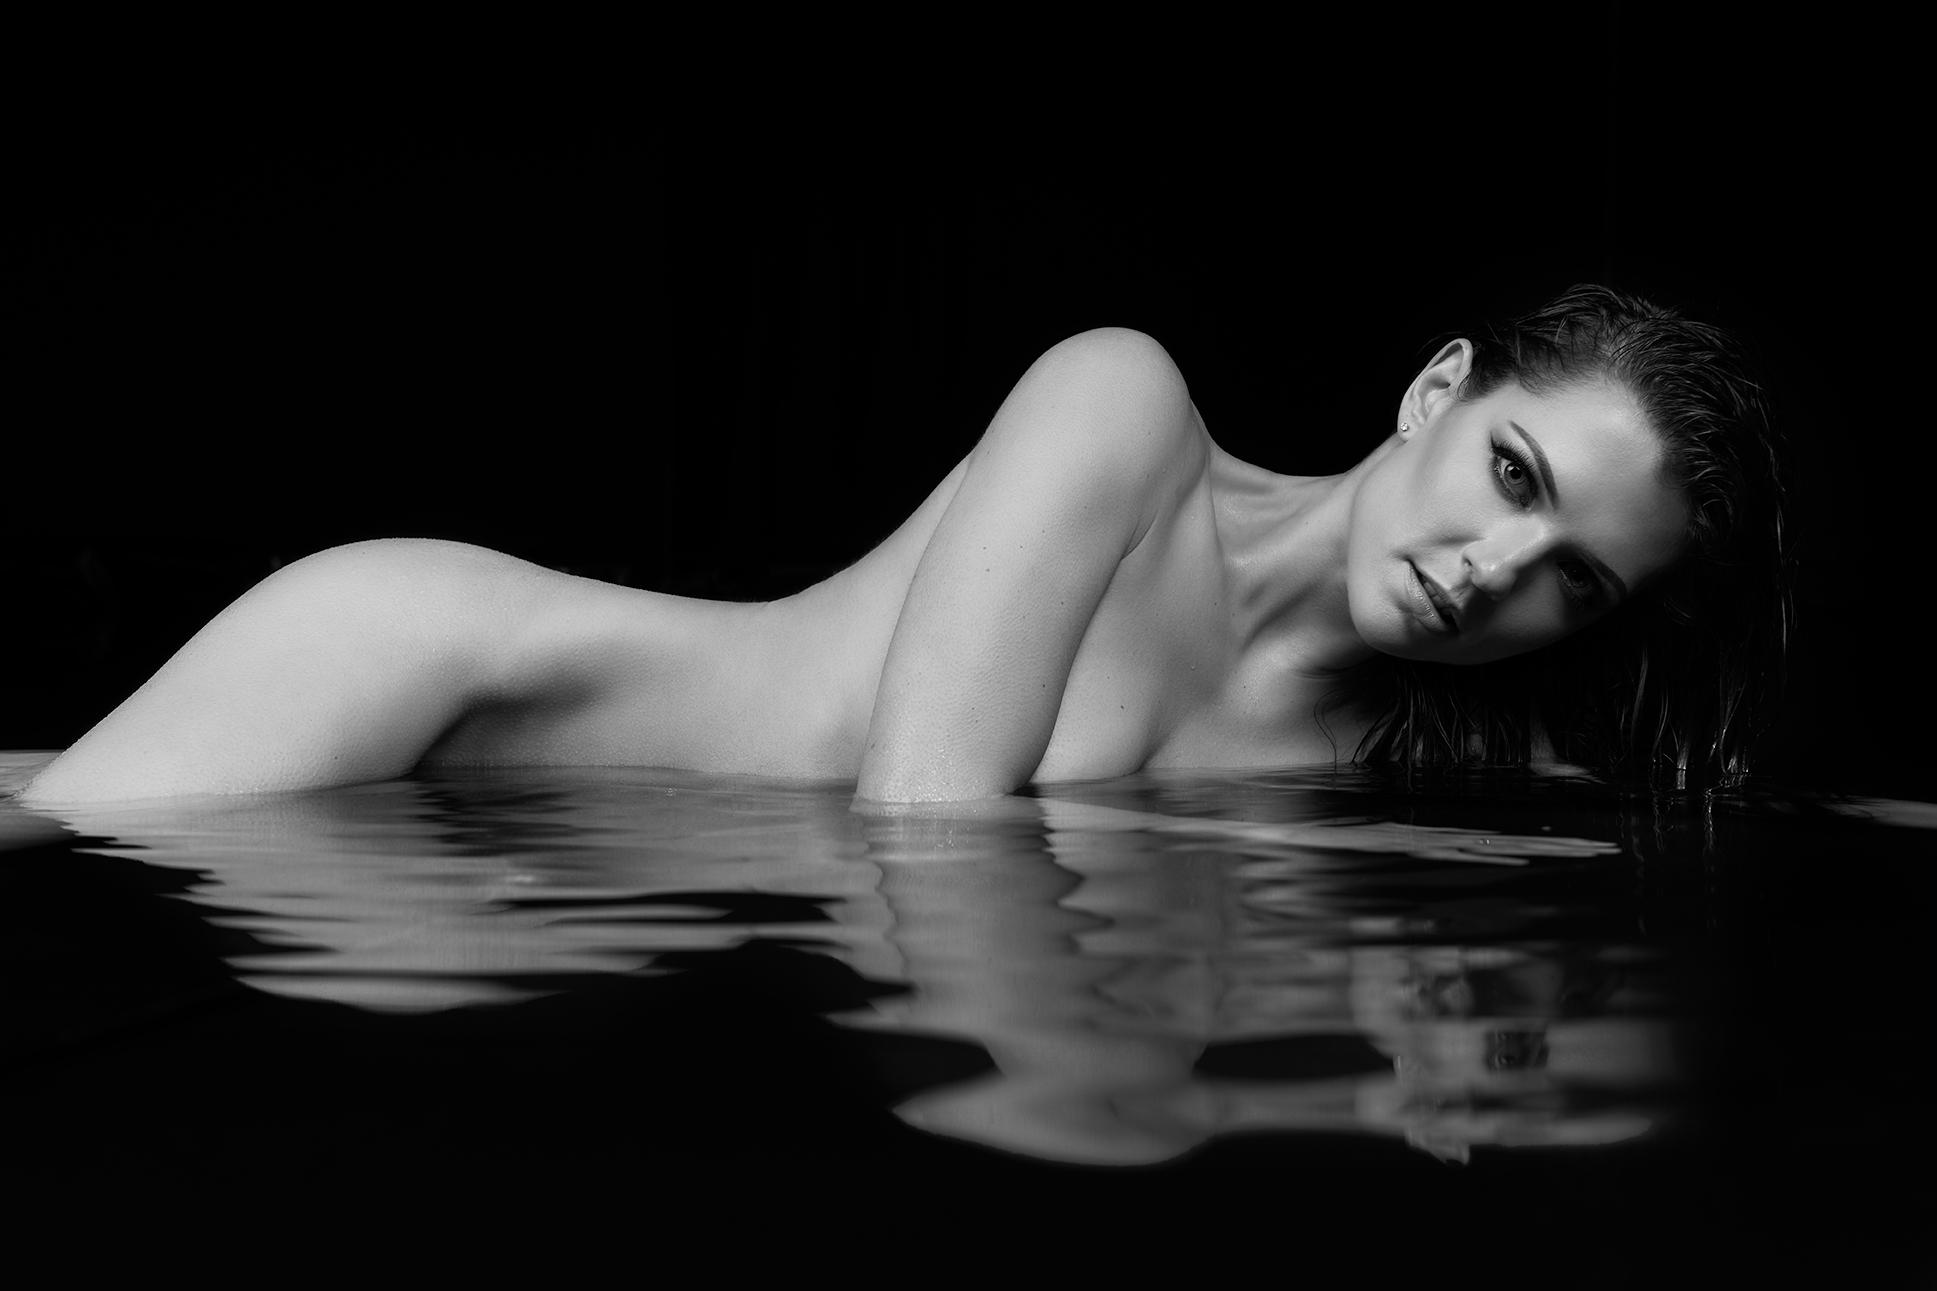 Twinny A June 17 2019 Black Water nude web.jpg